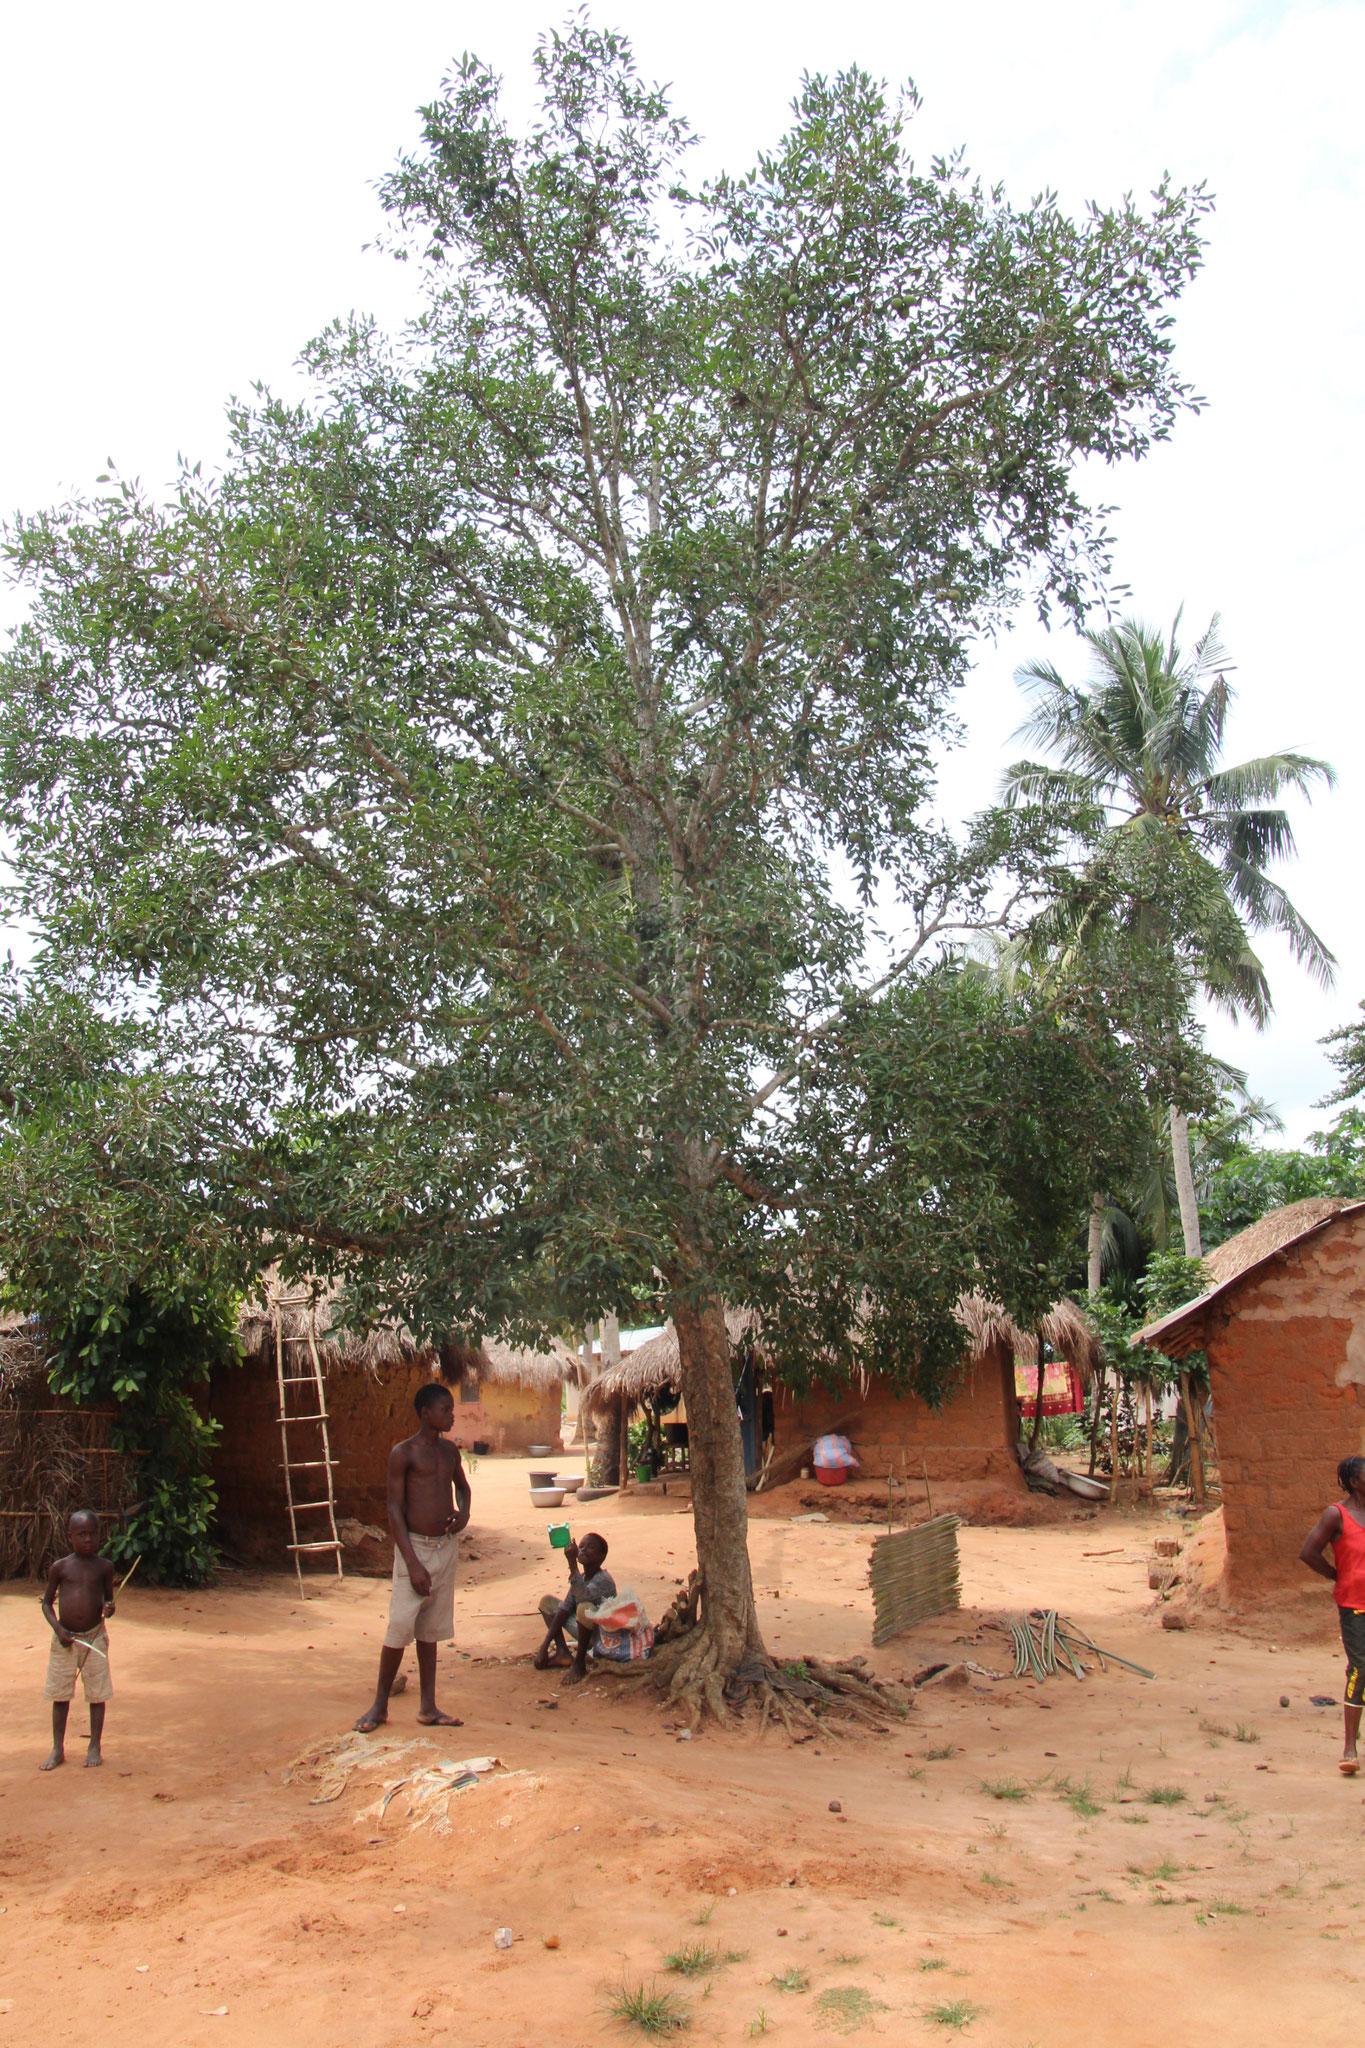 Dieser Baum ist ein bedeutungsvoller Baum. Er soll den ganzen Kral vor Unglück schützen.